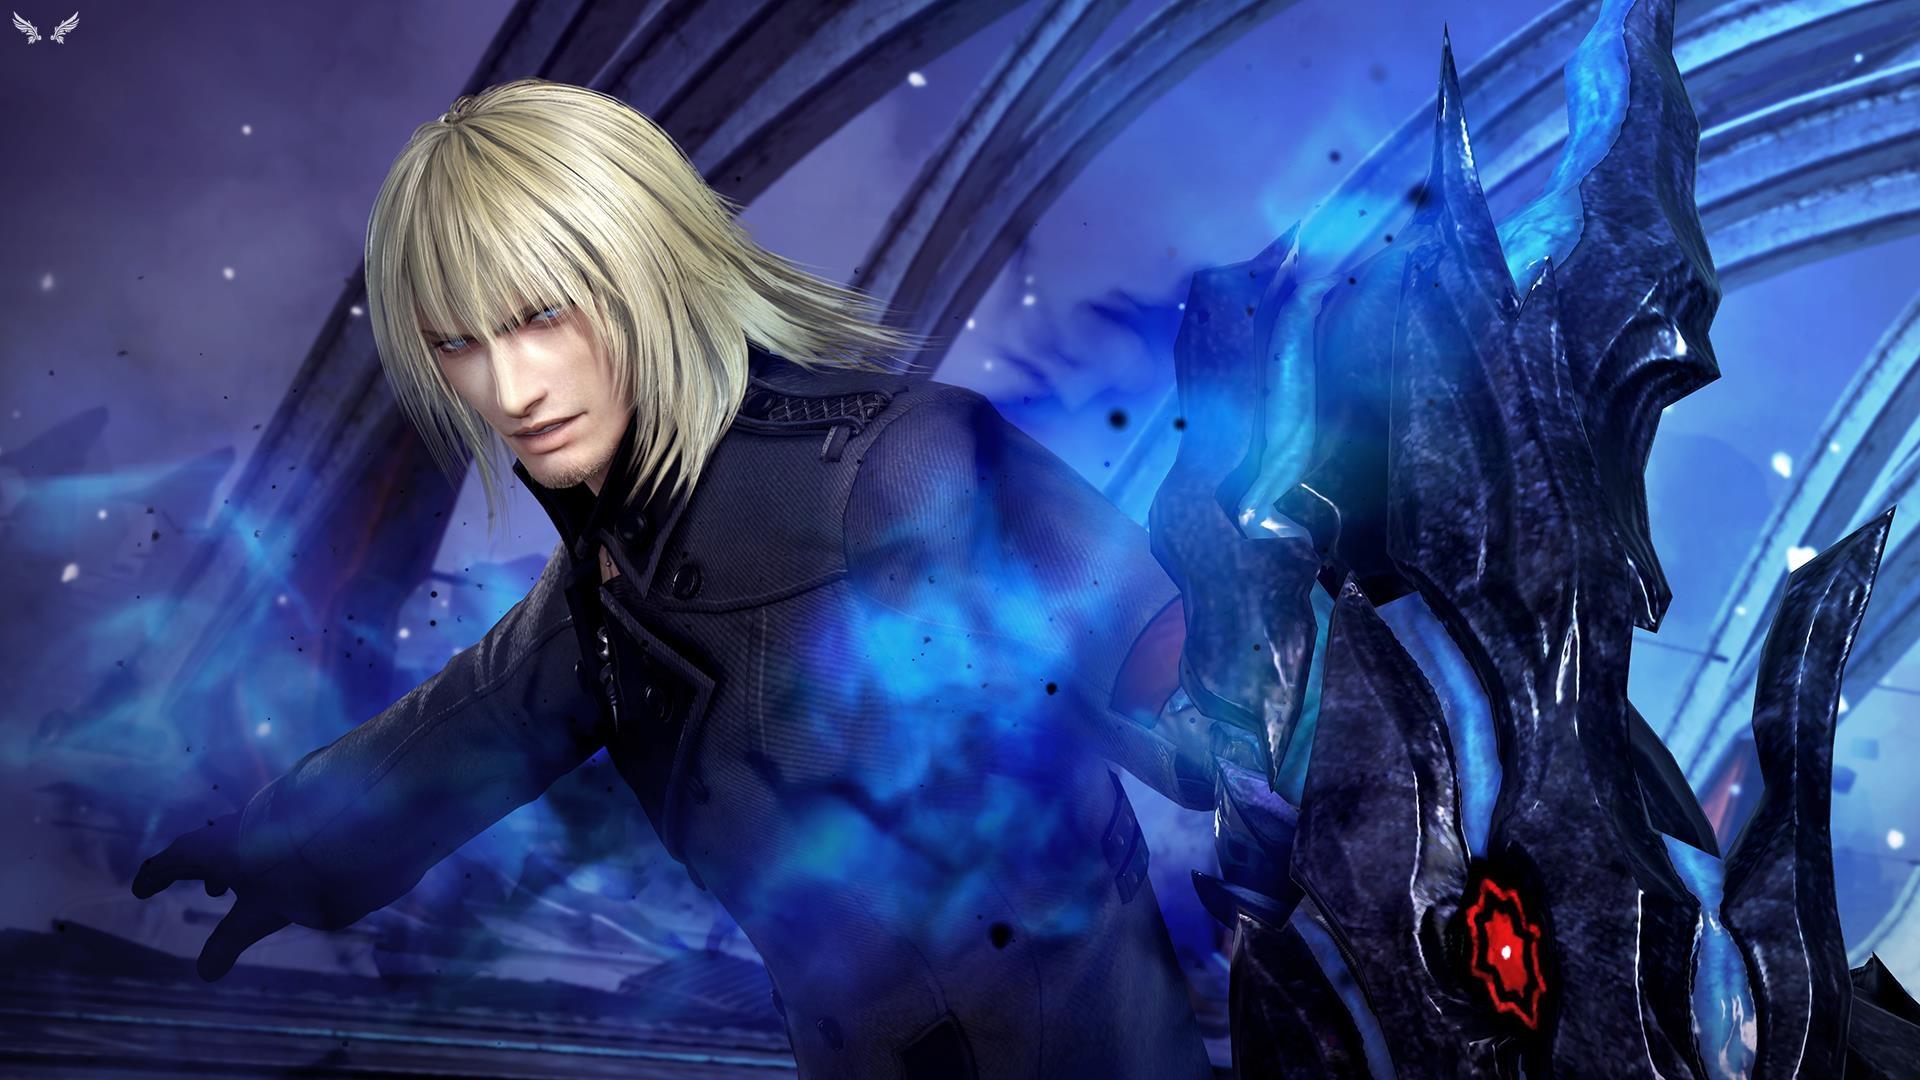 Snow di FFXIII chiude il Season Pass di Dissidia Final Fantasy NT!